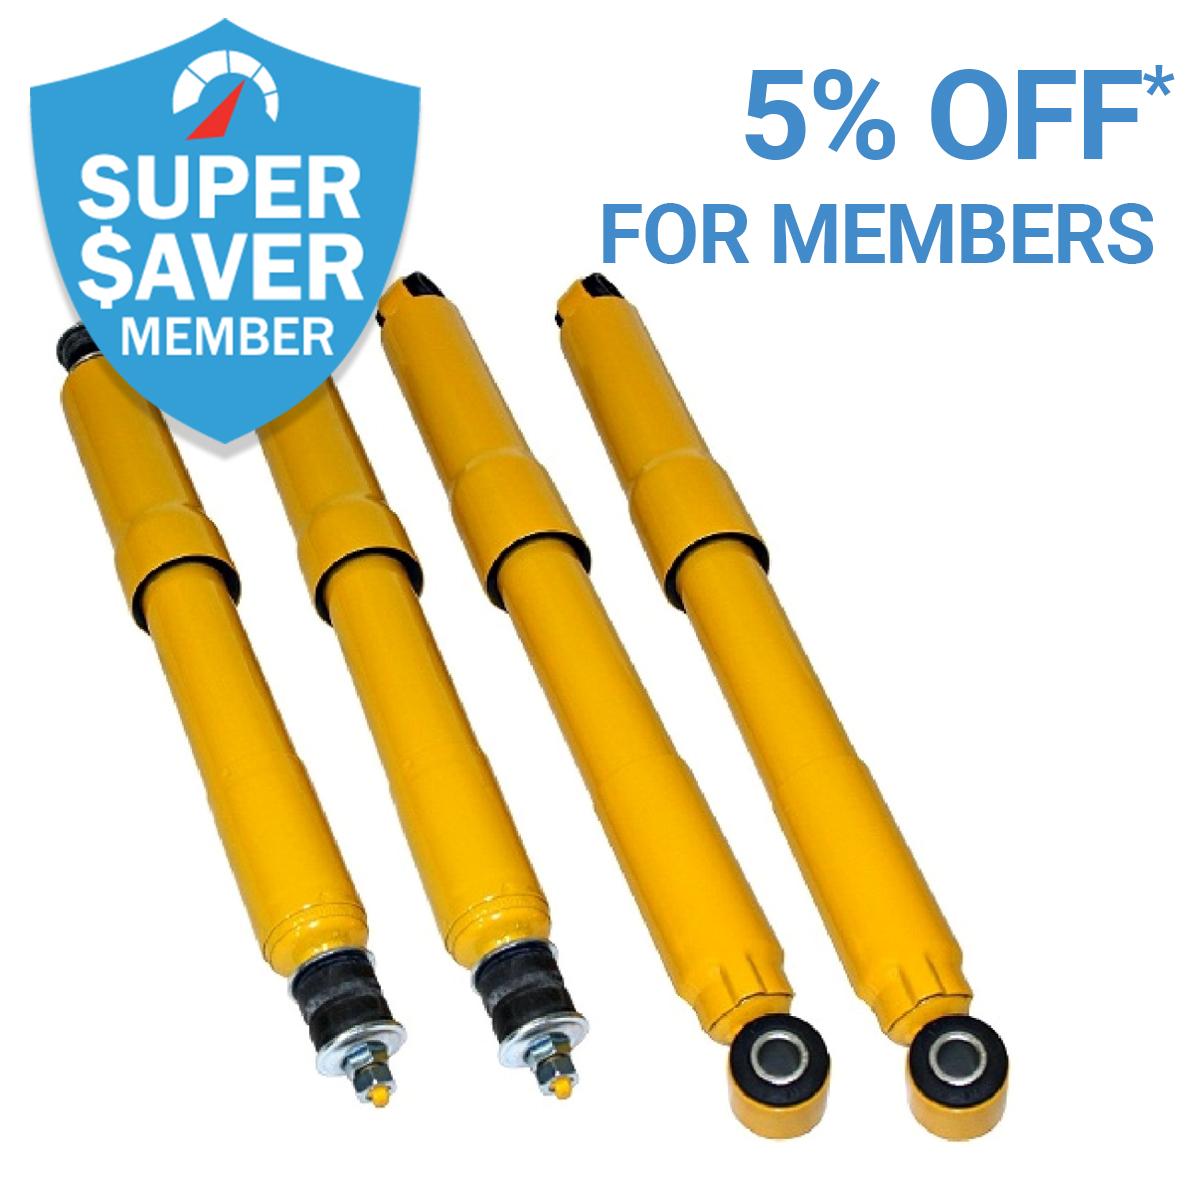 Get 5% Off* Shocks As a Member